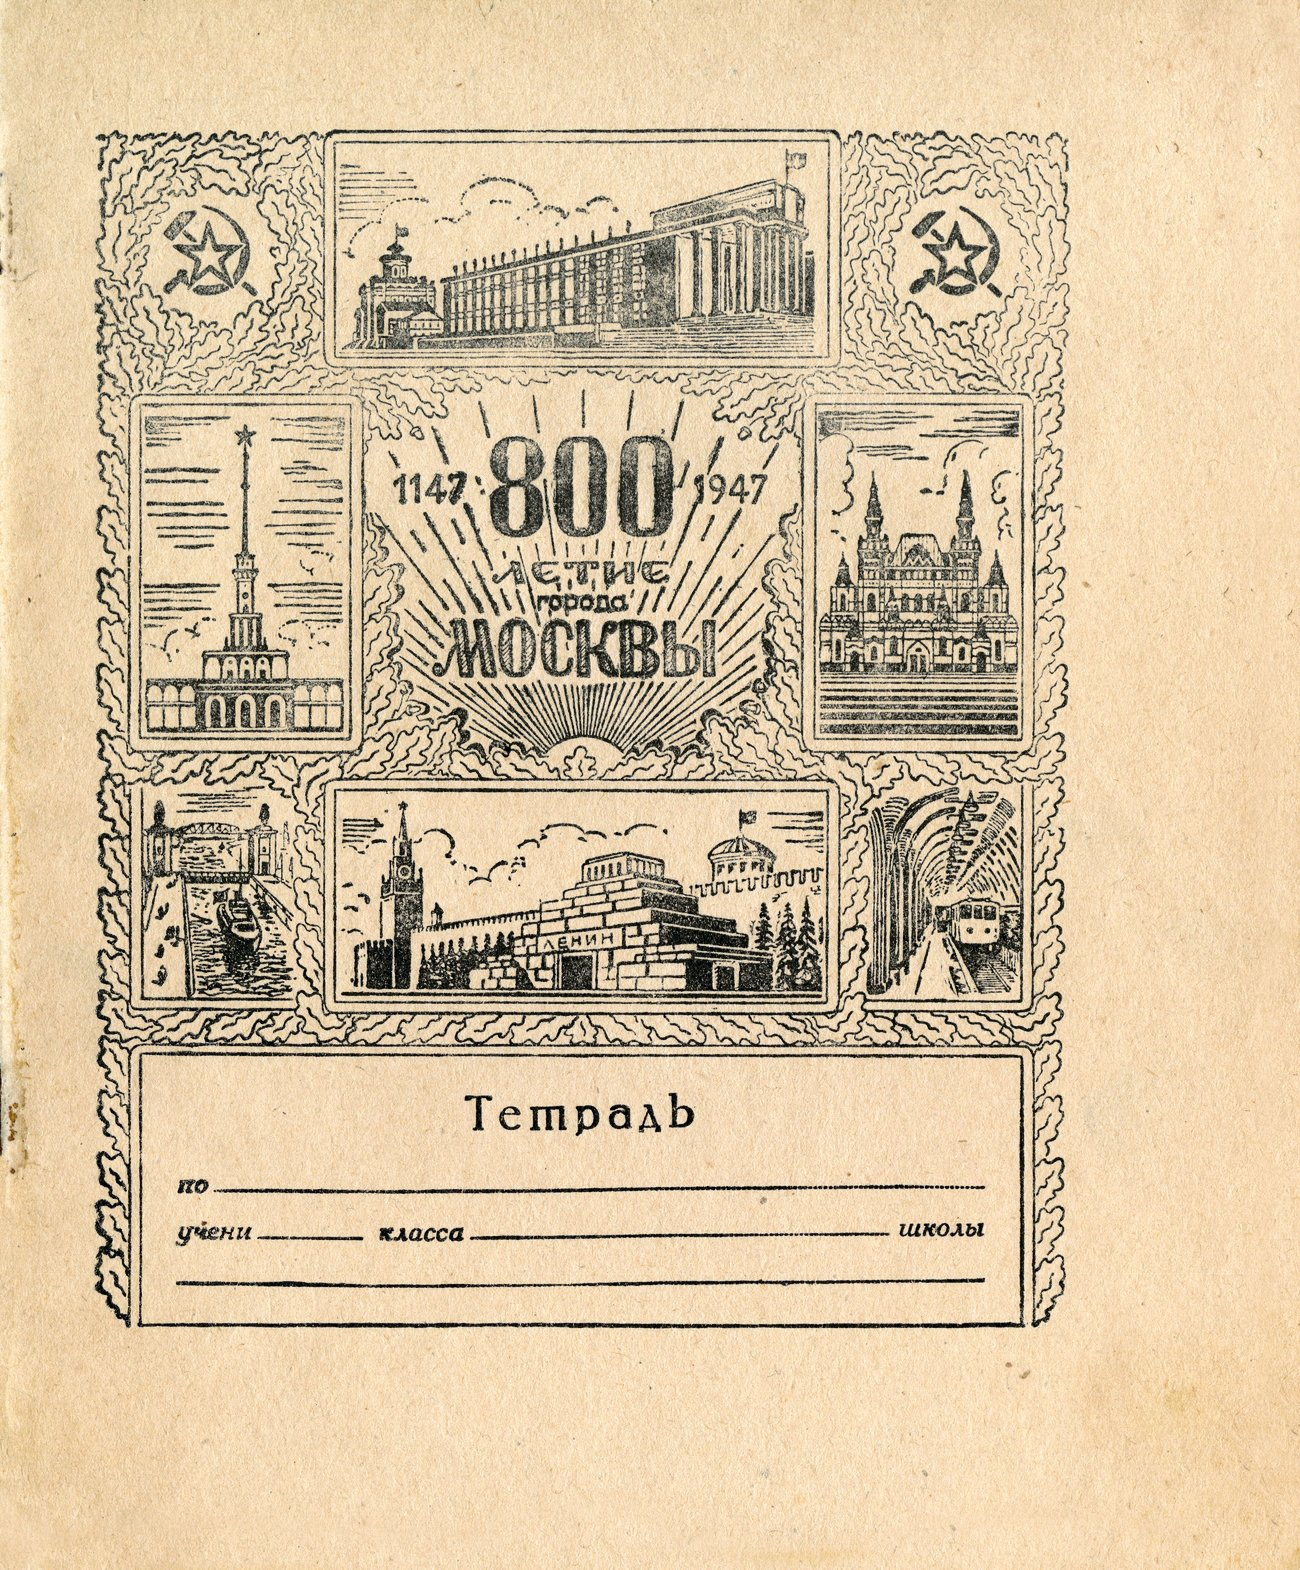 800 лет Москве, 1947, 165х200